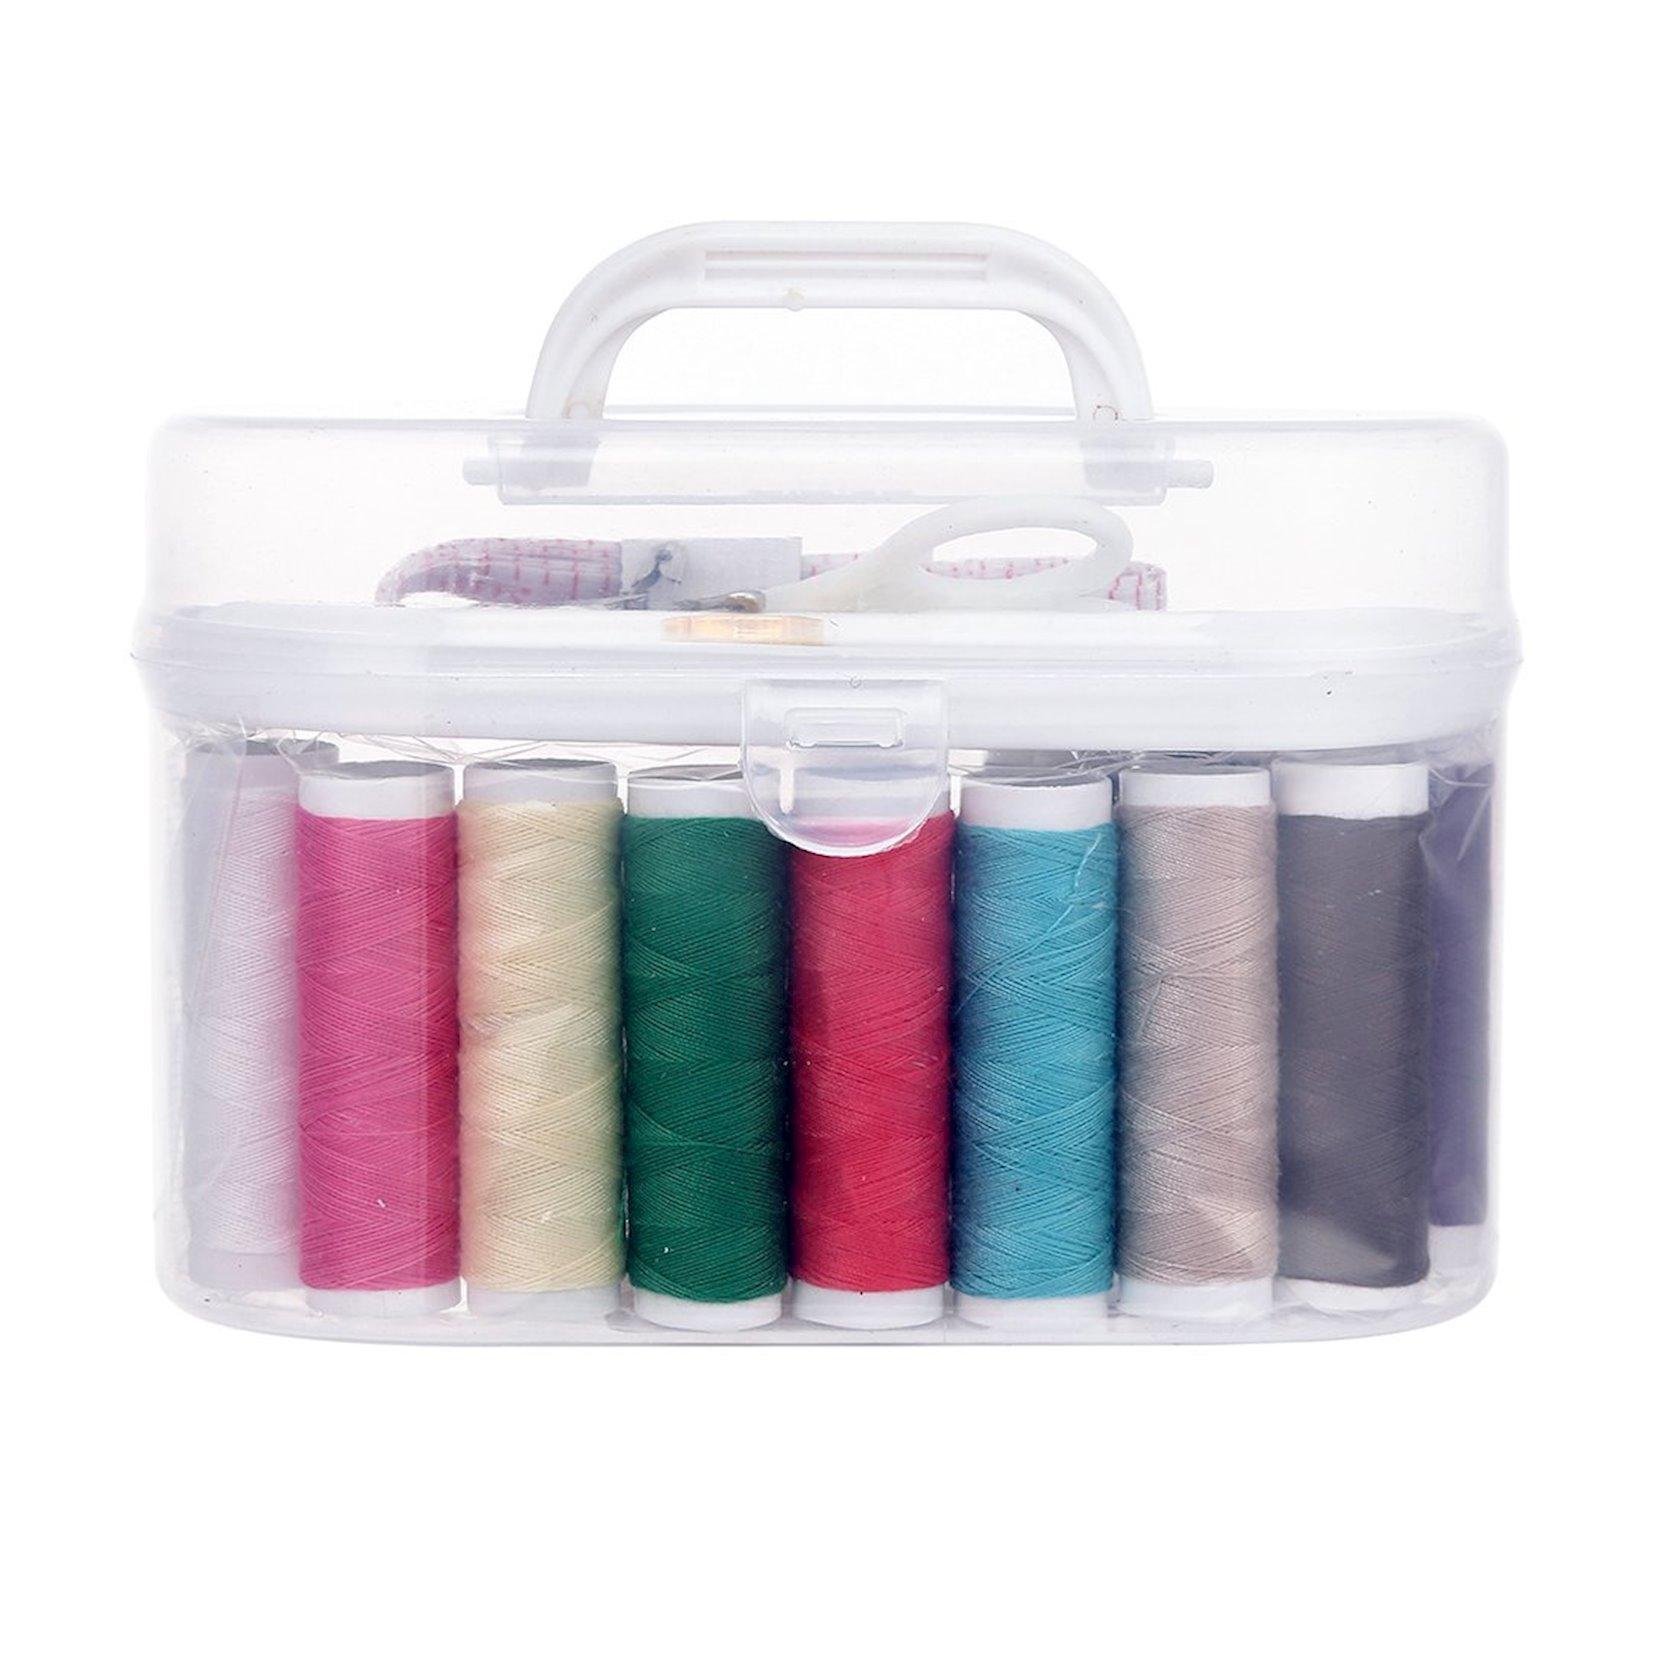 Tikiş dəsti Miniso Sewing Box, ağ, 16x8.5x9.5 sm